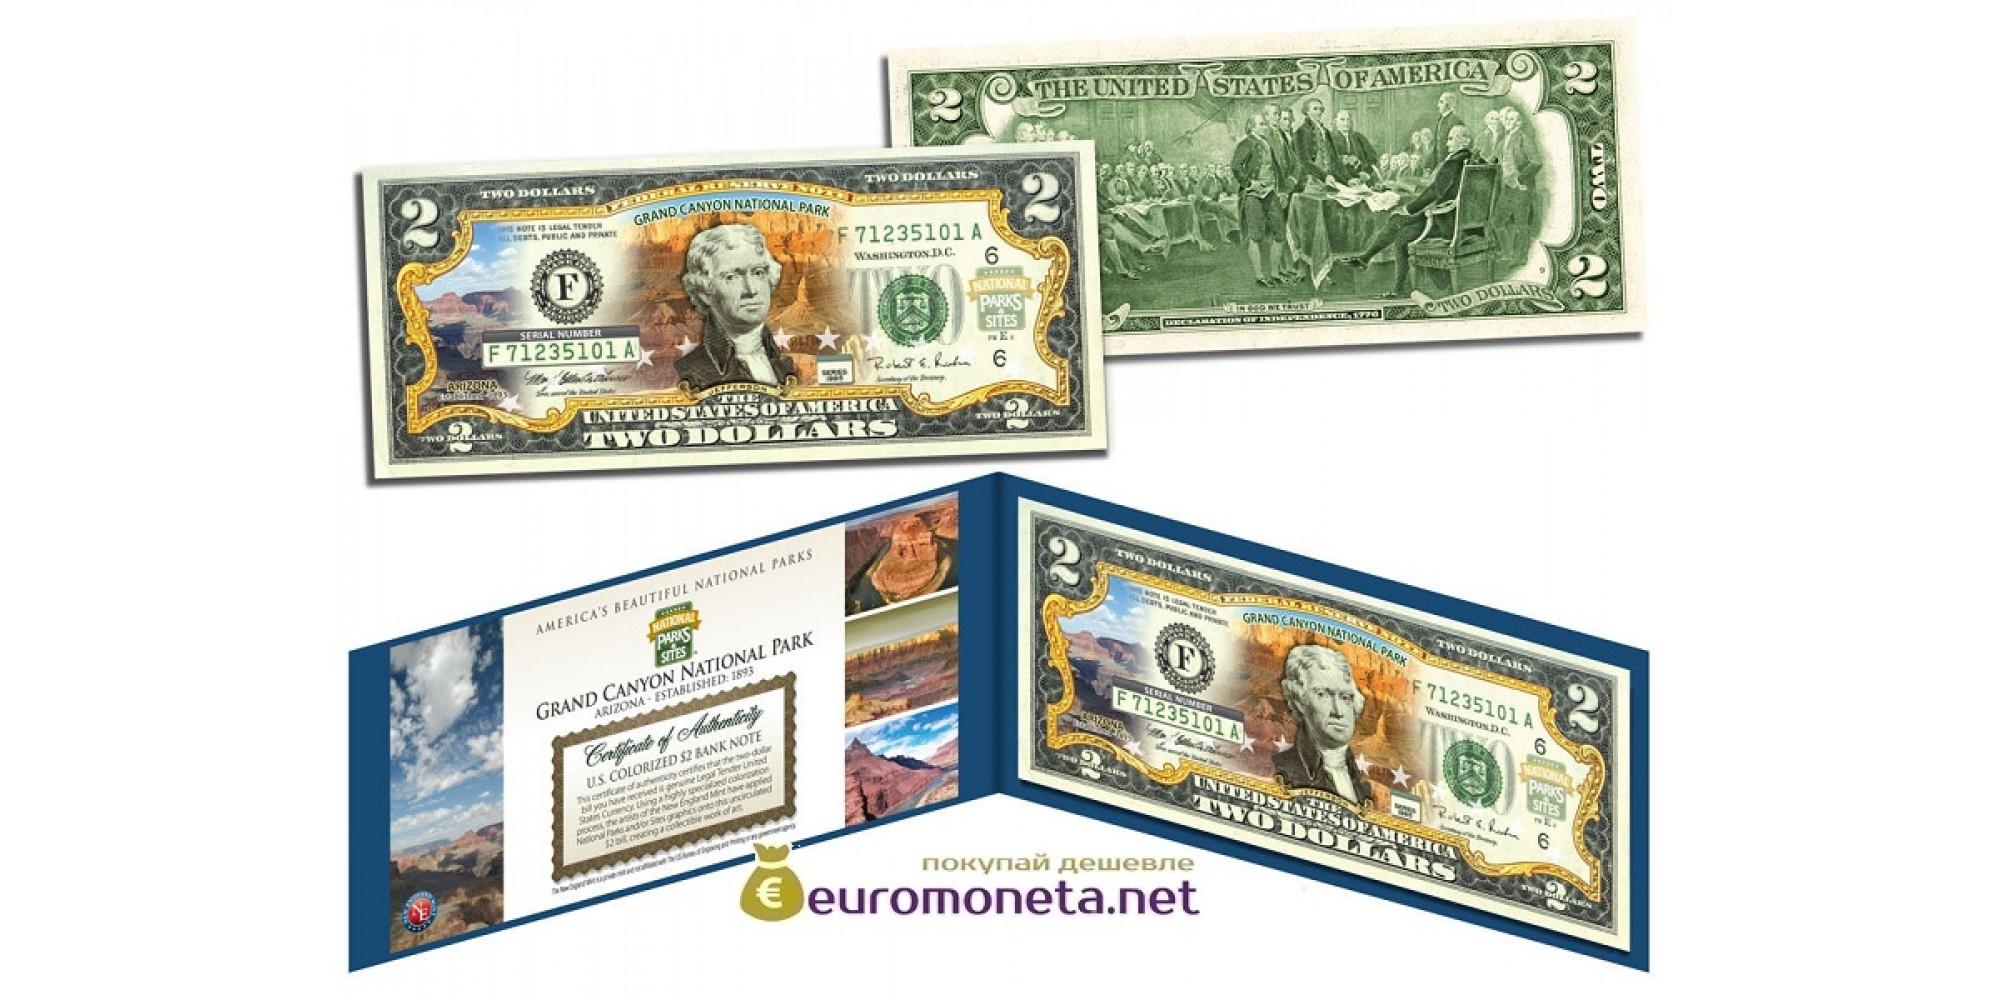 США 2 доллара 2003 Гранд Каньон цветные фотопечать оригинал